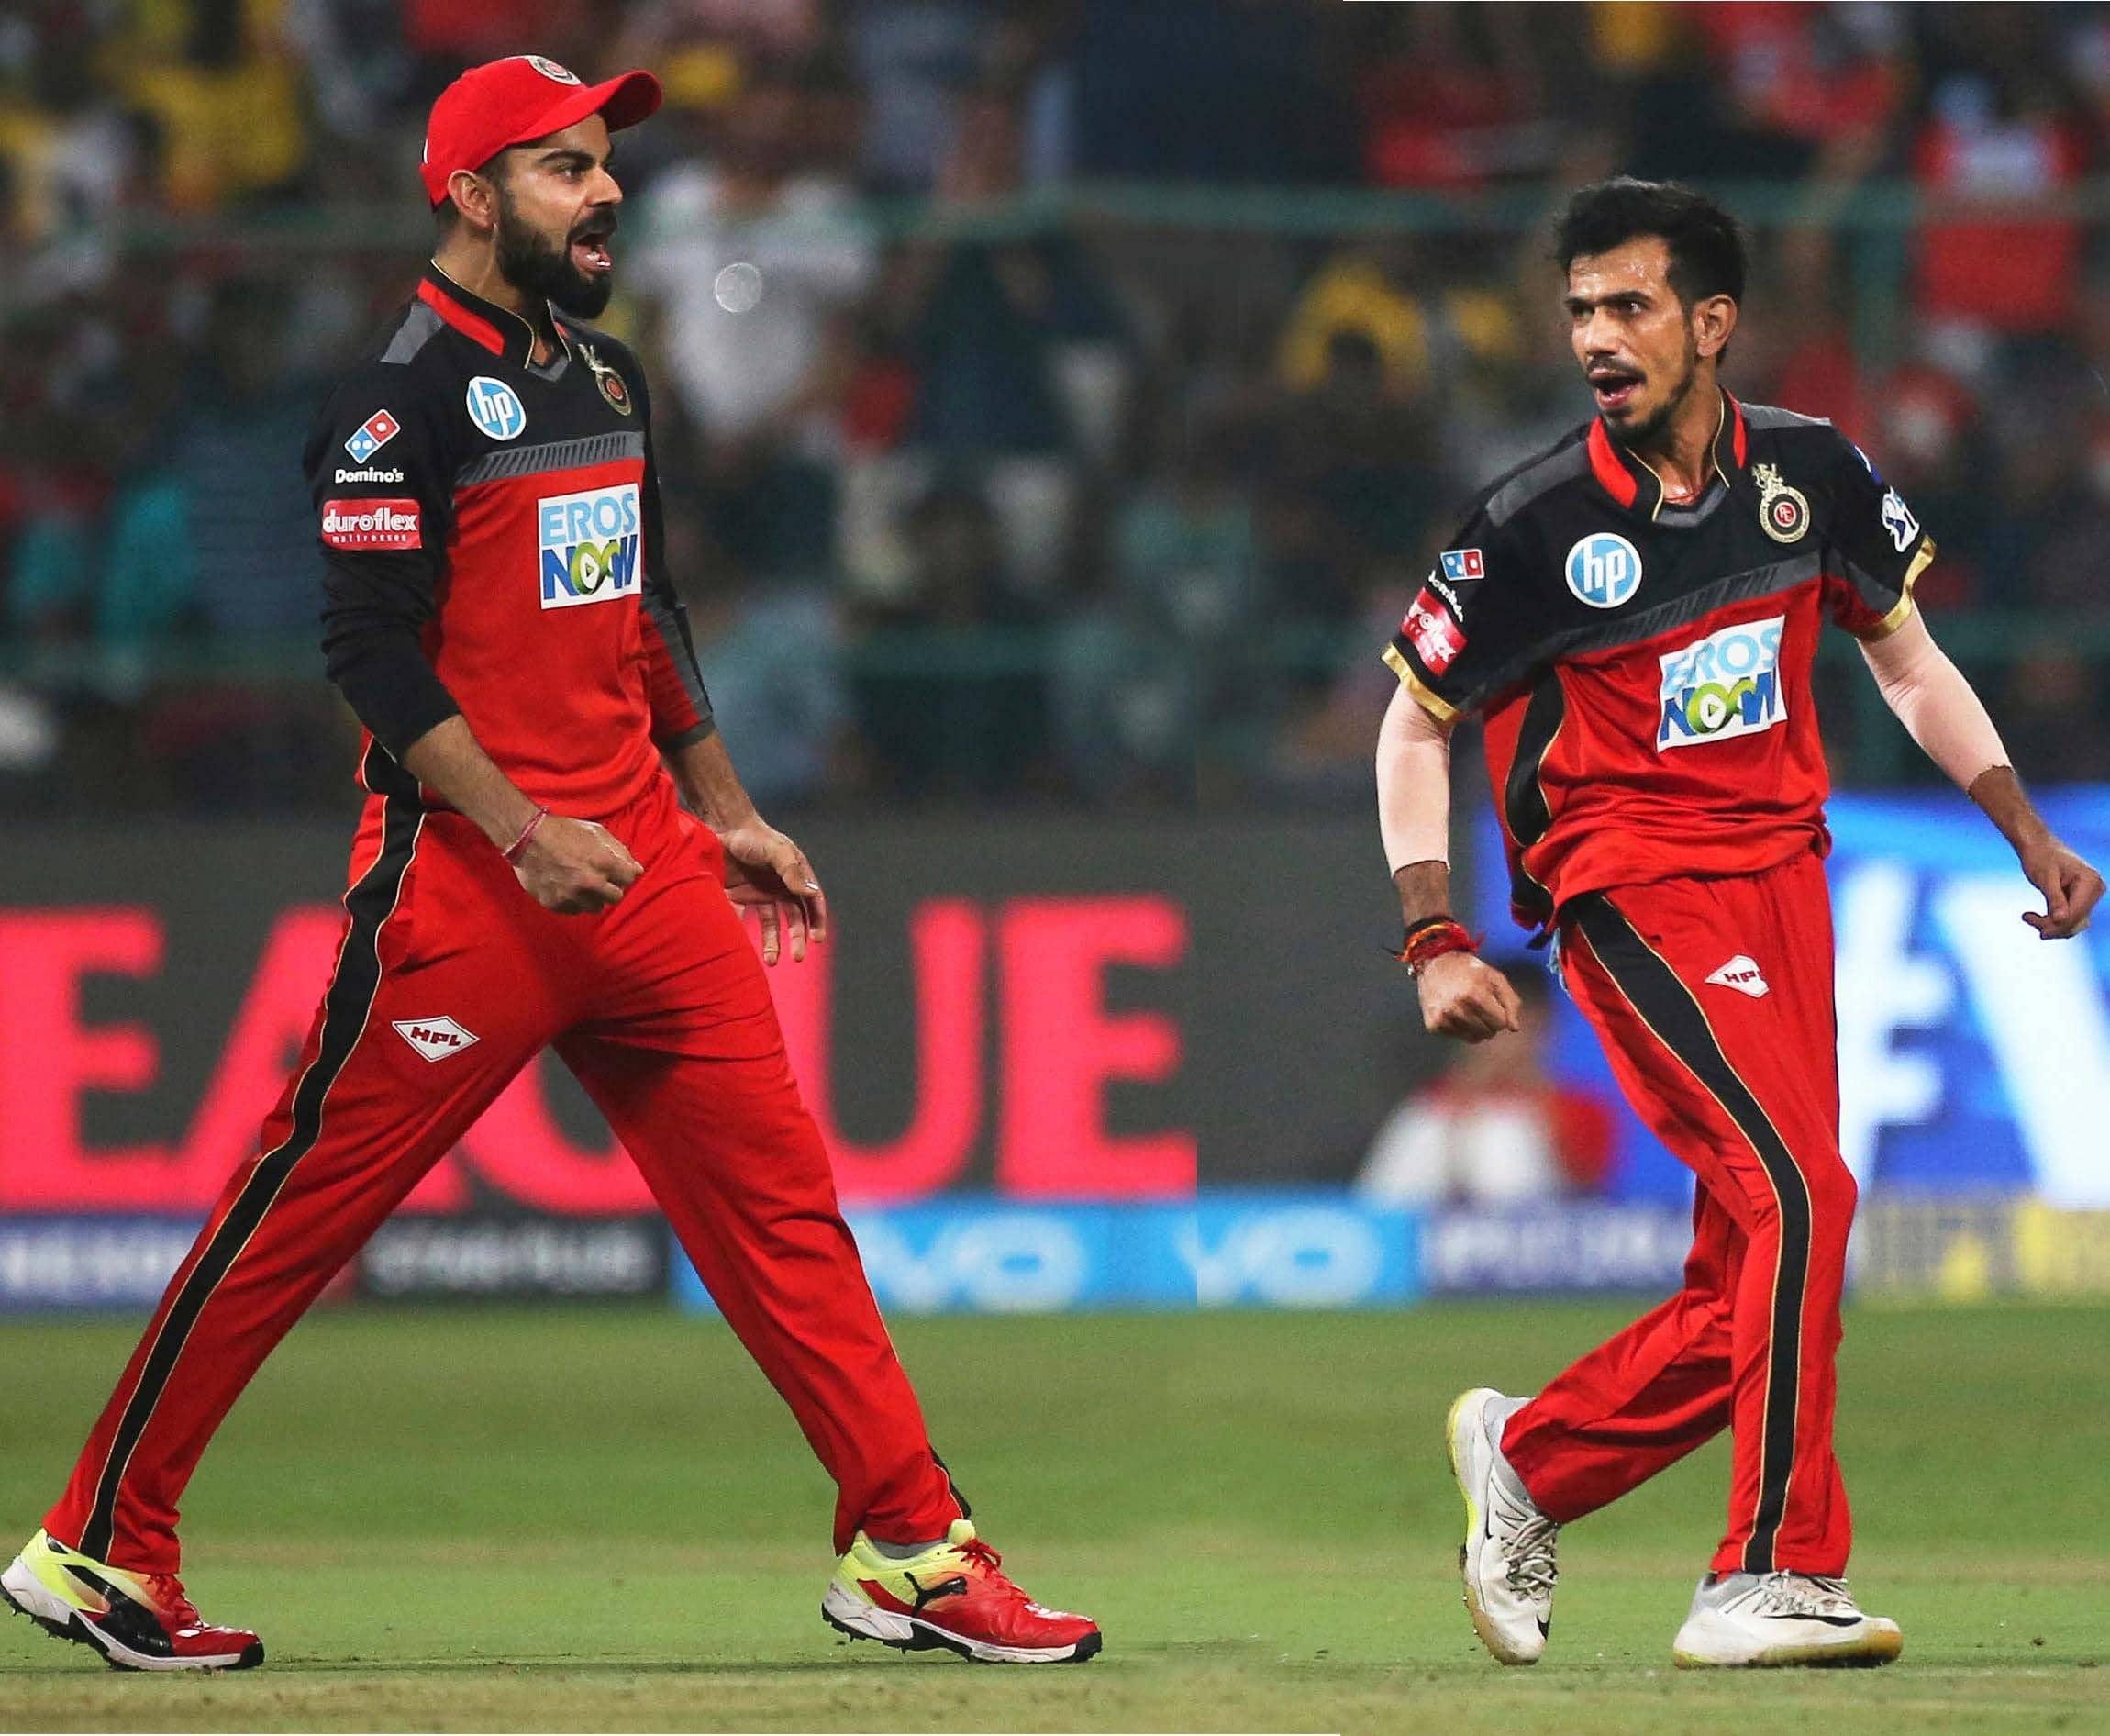 Can Virat Kohli Lead RCB To IPL Title?